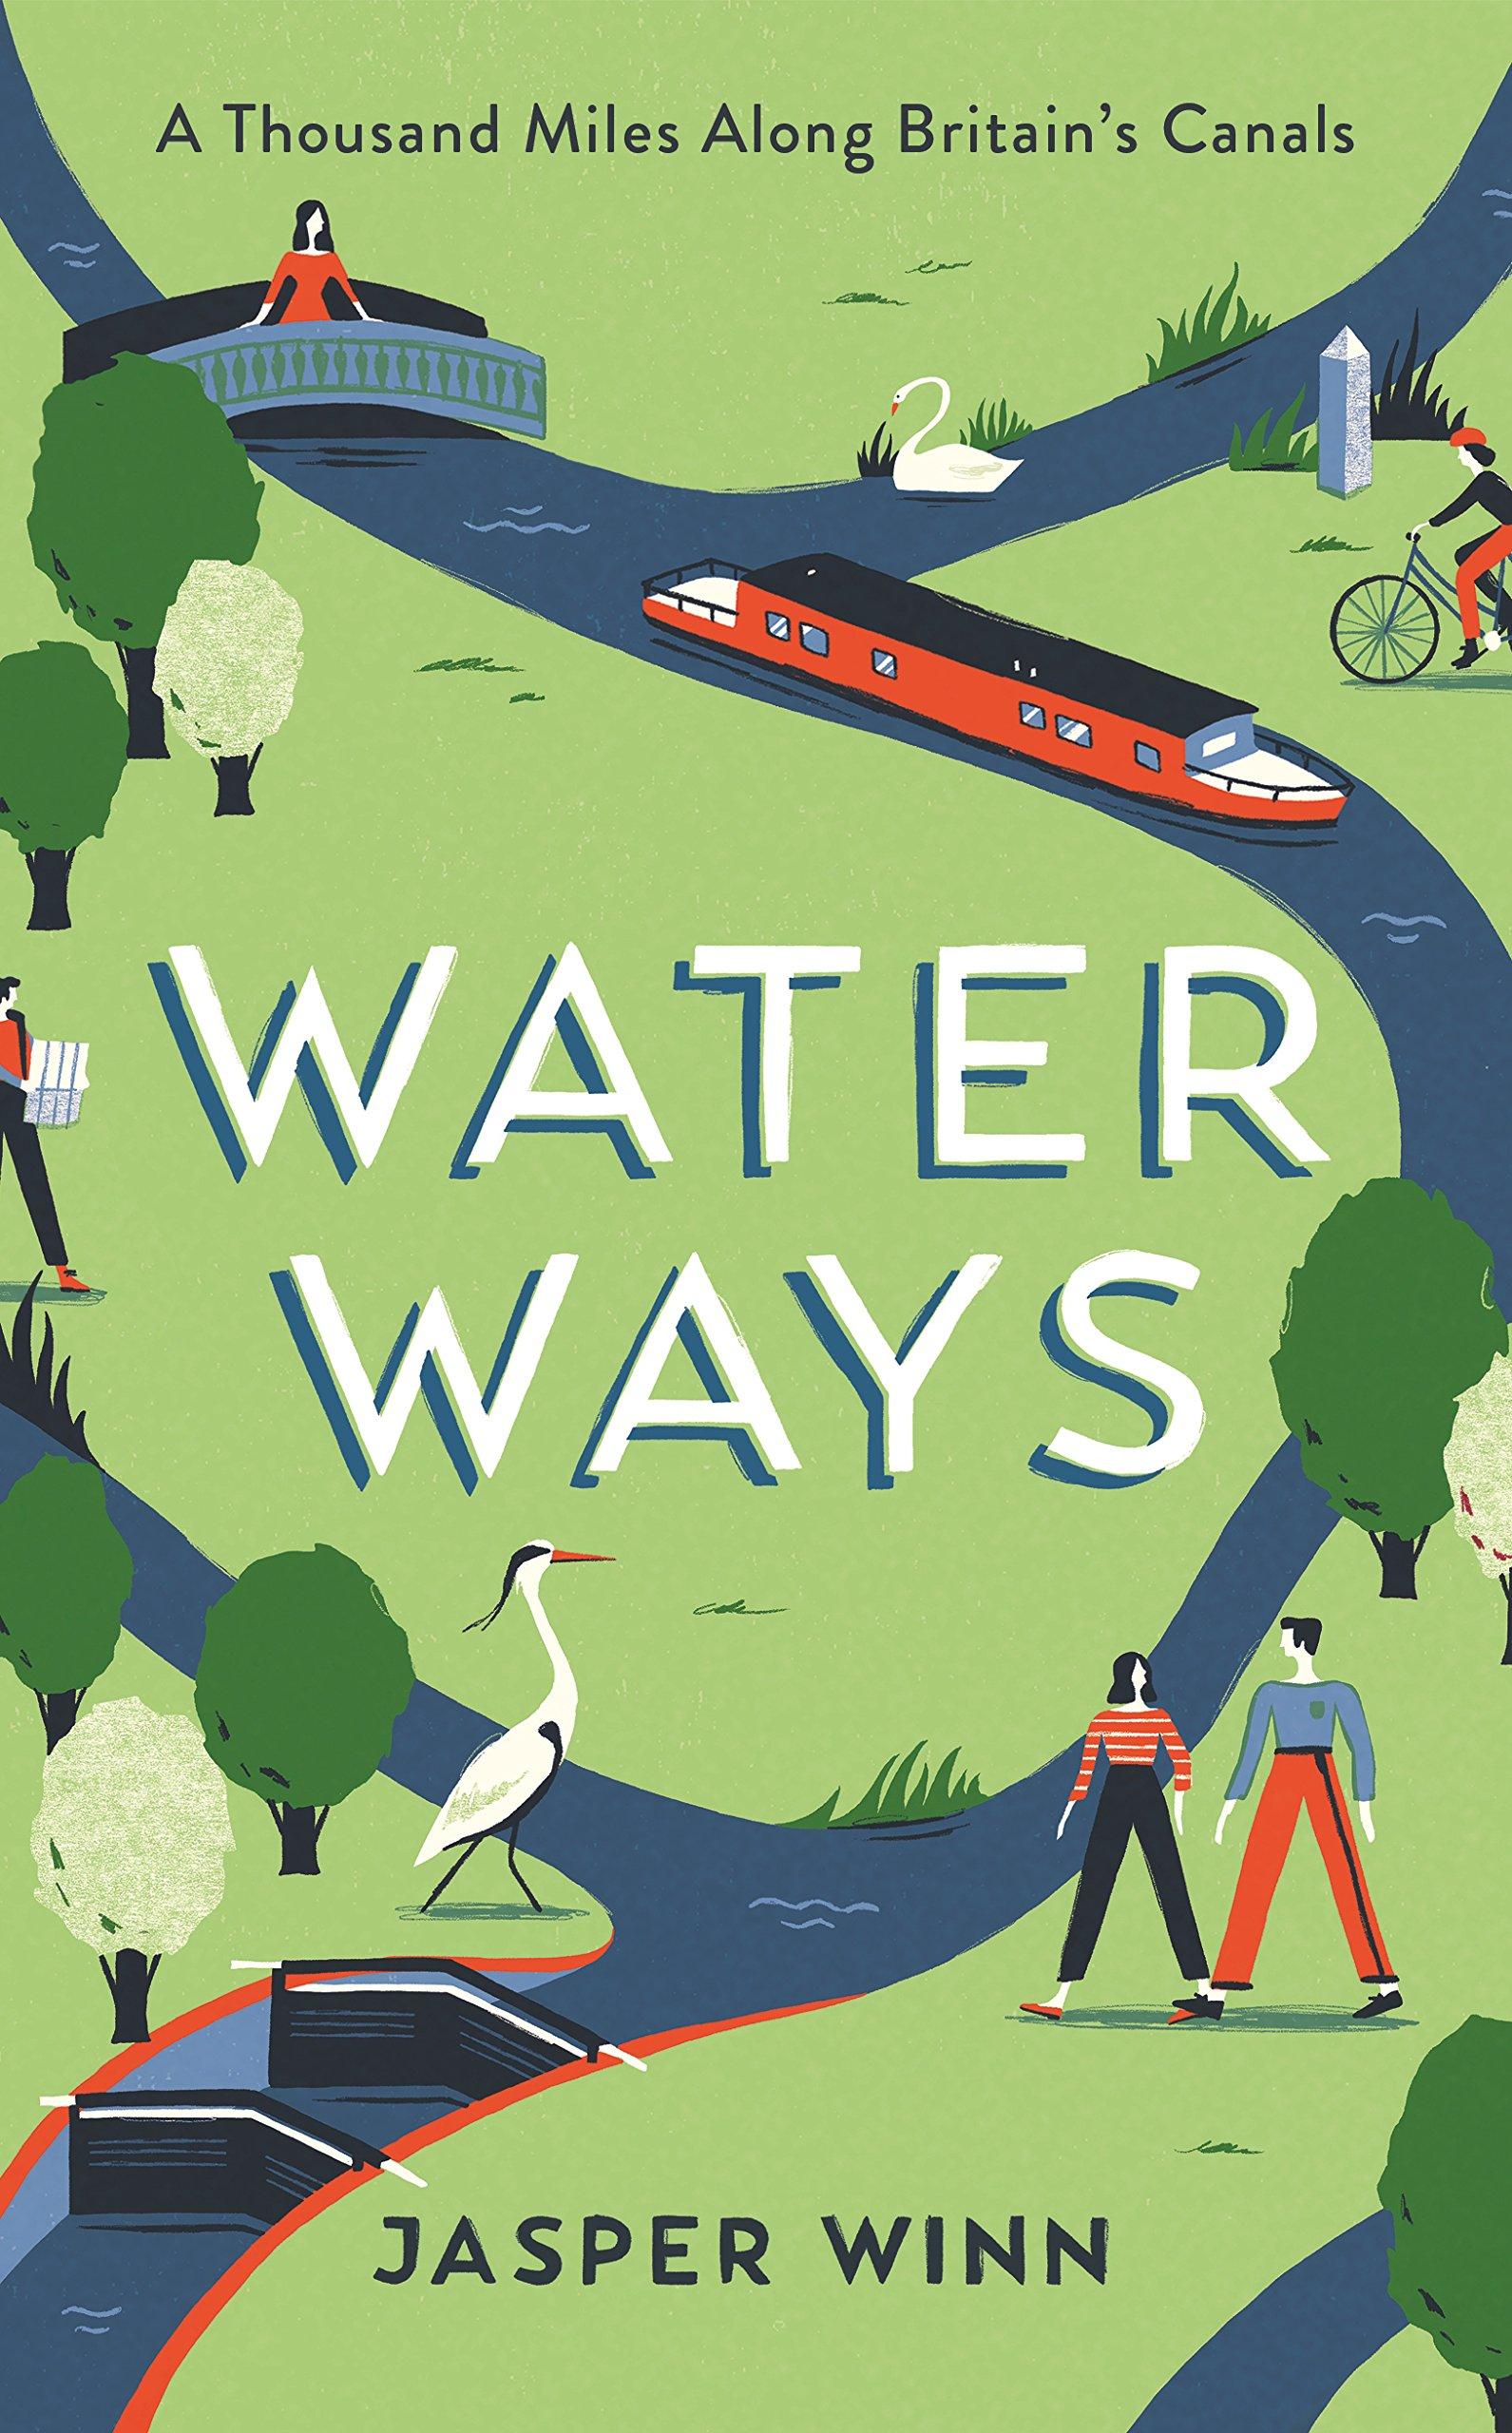 water-ways-by-jasper-winn.jpg